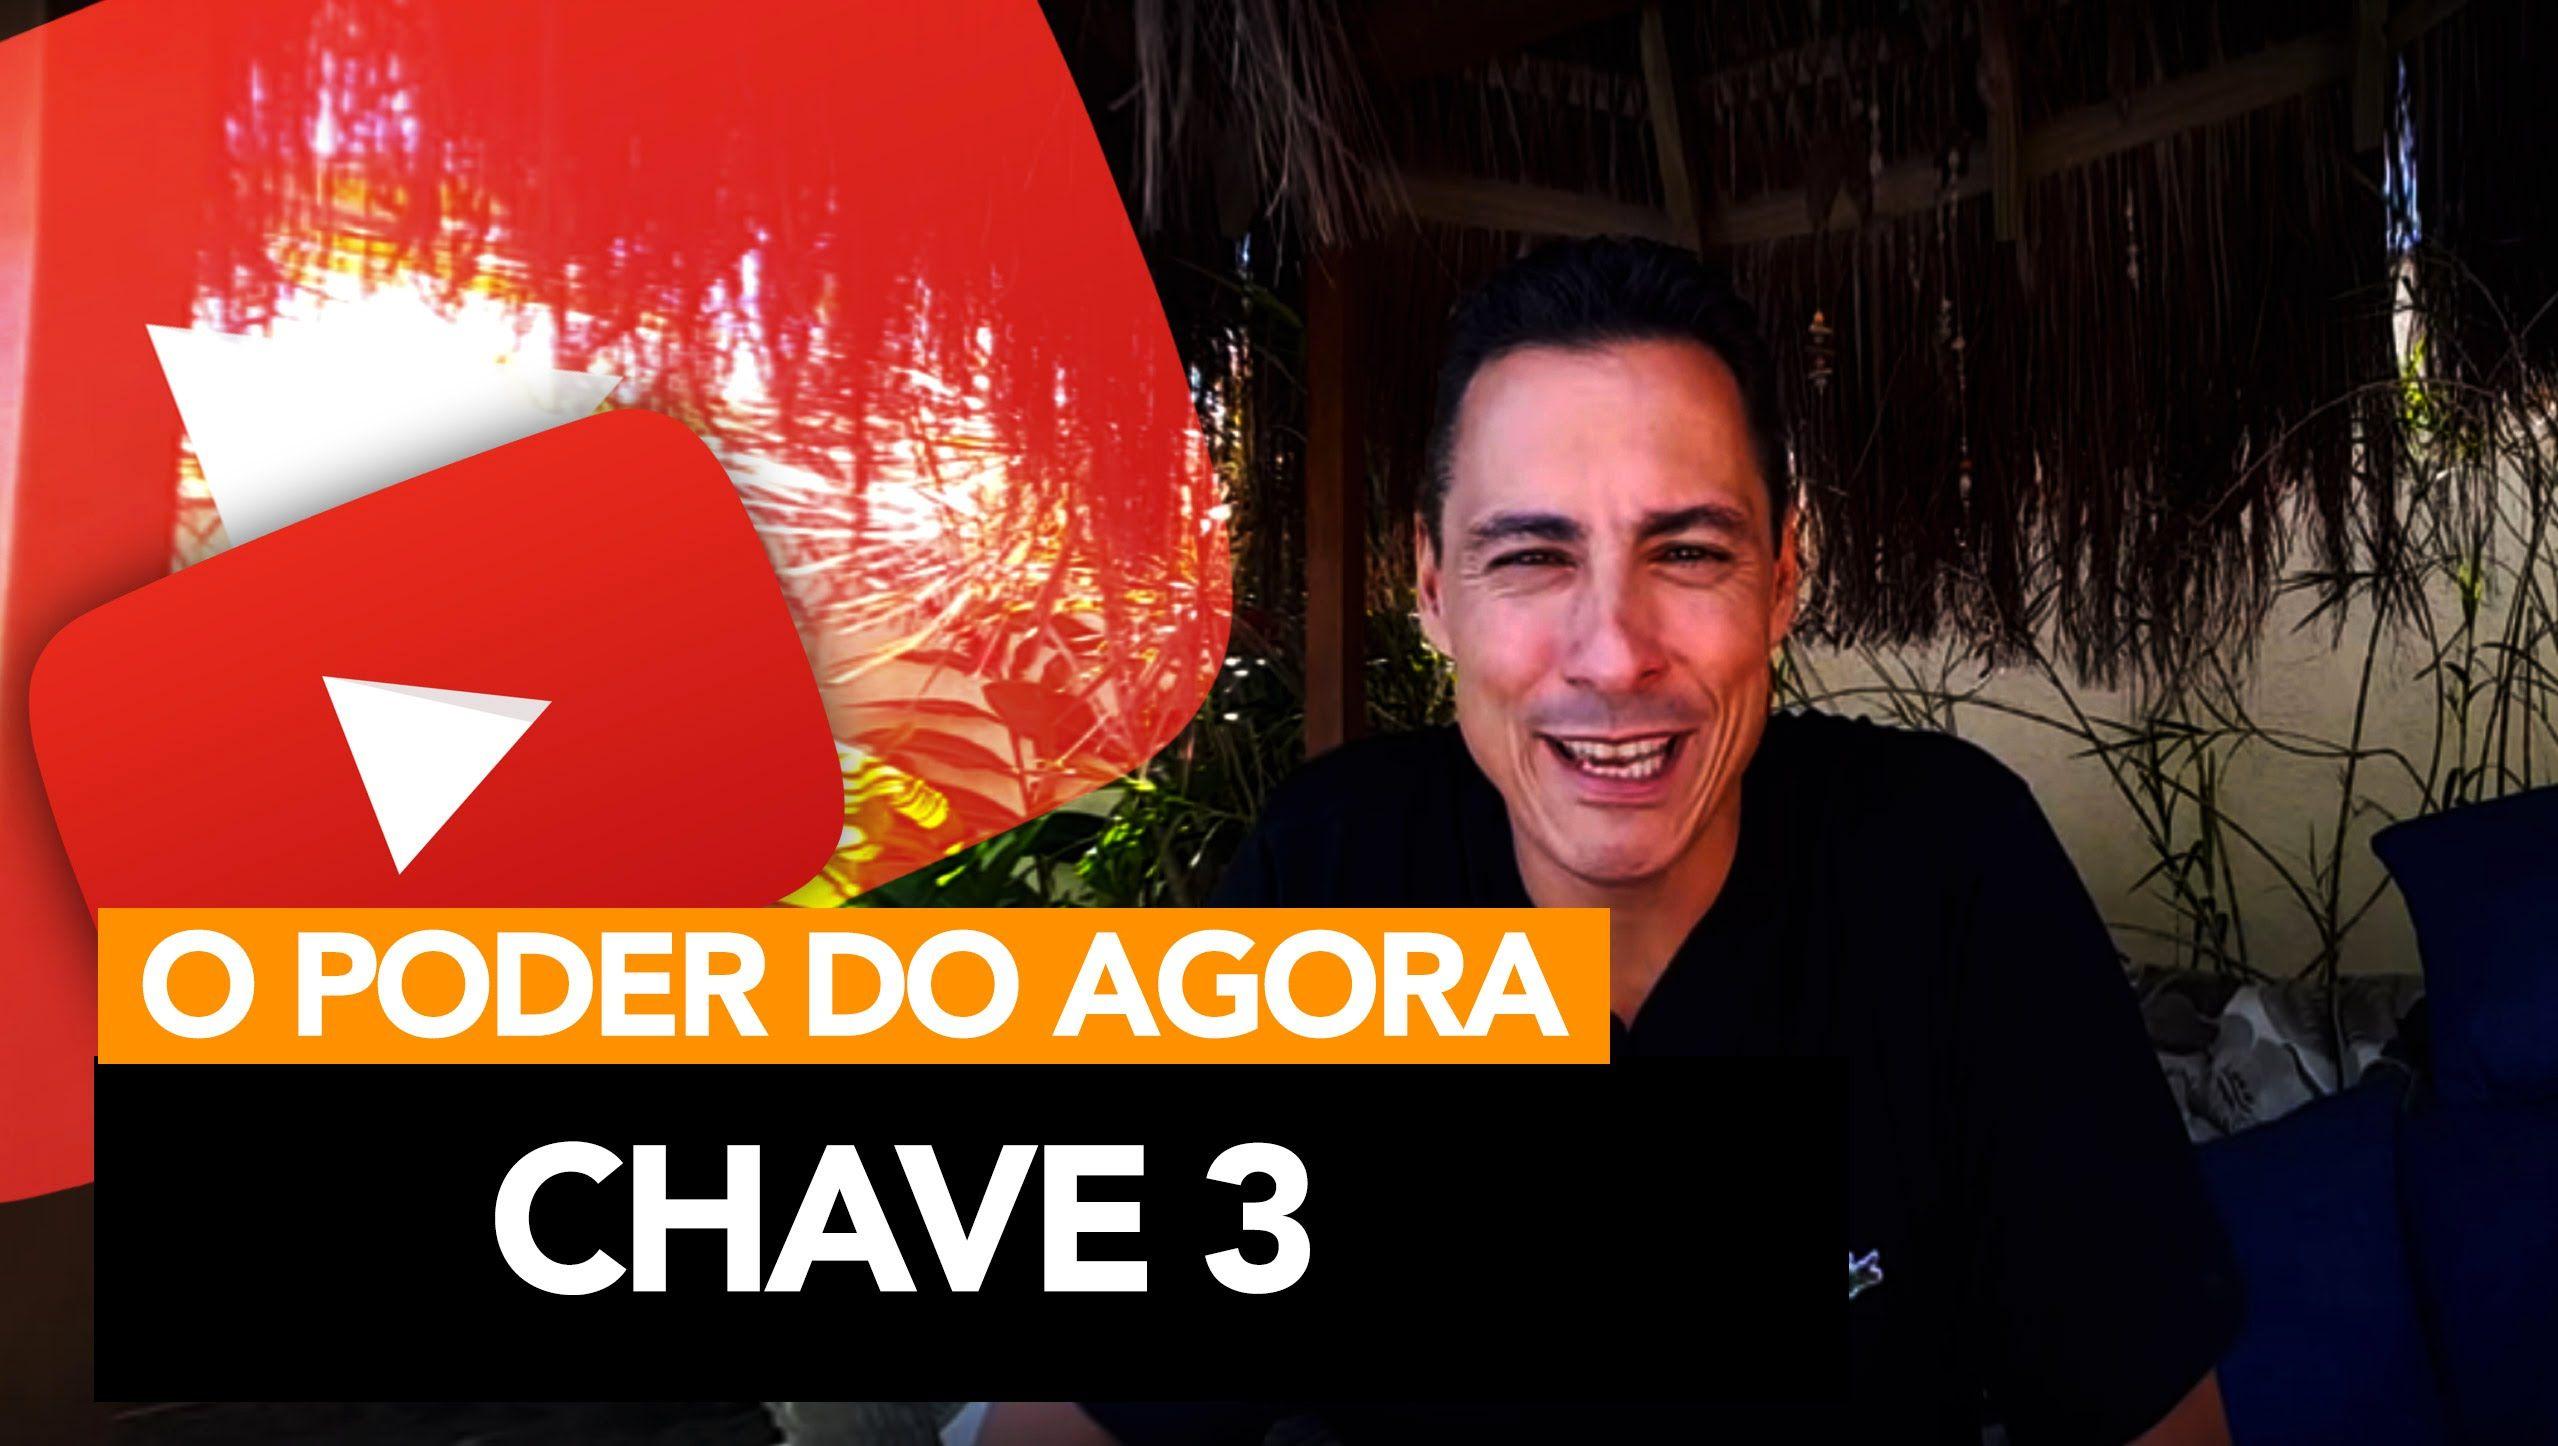 14 - O Poder do Agora - Chave 3 | Rodrigo Cardoso